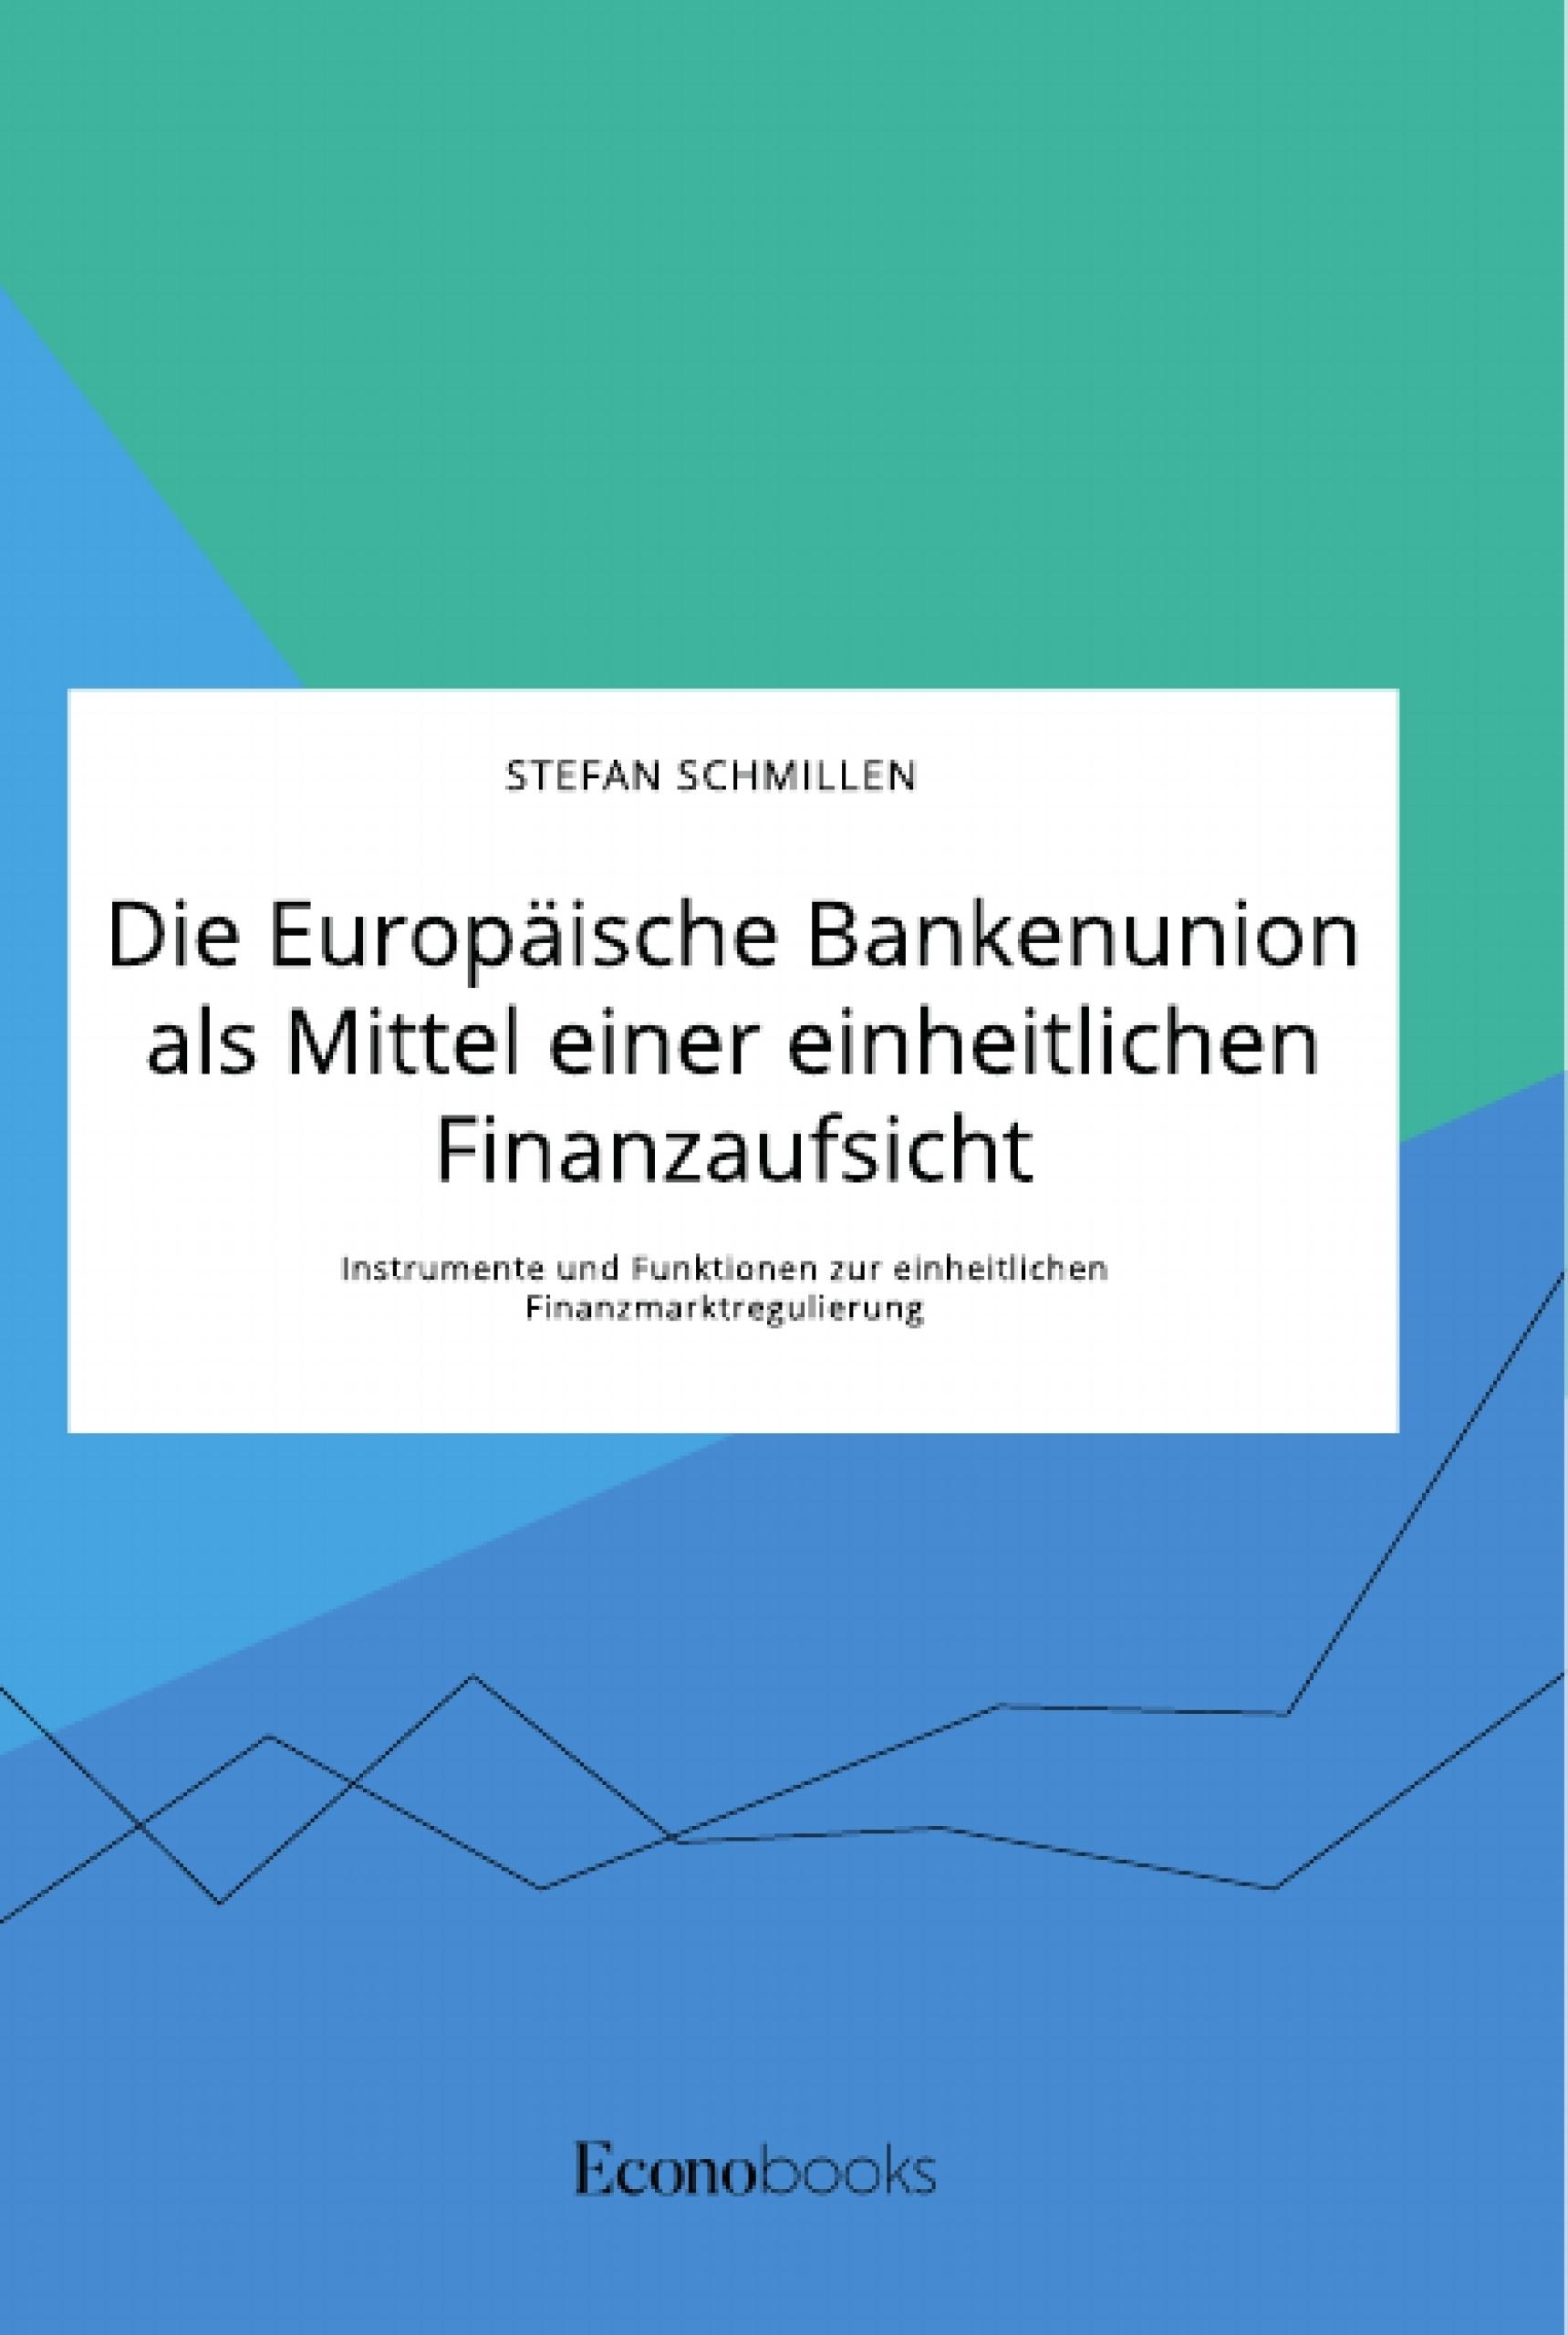 Titel: Die Europäische Bankenunion als Mittel einer einheitlichen Finanzaufsicht. Instrumente und Funktionen zur einheitlichen Finanzmarktregulierung